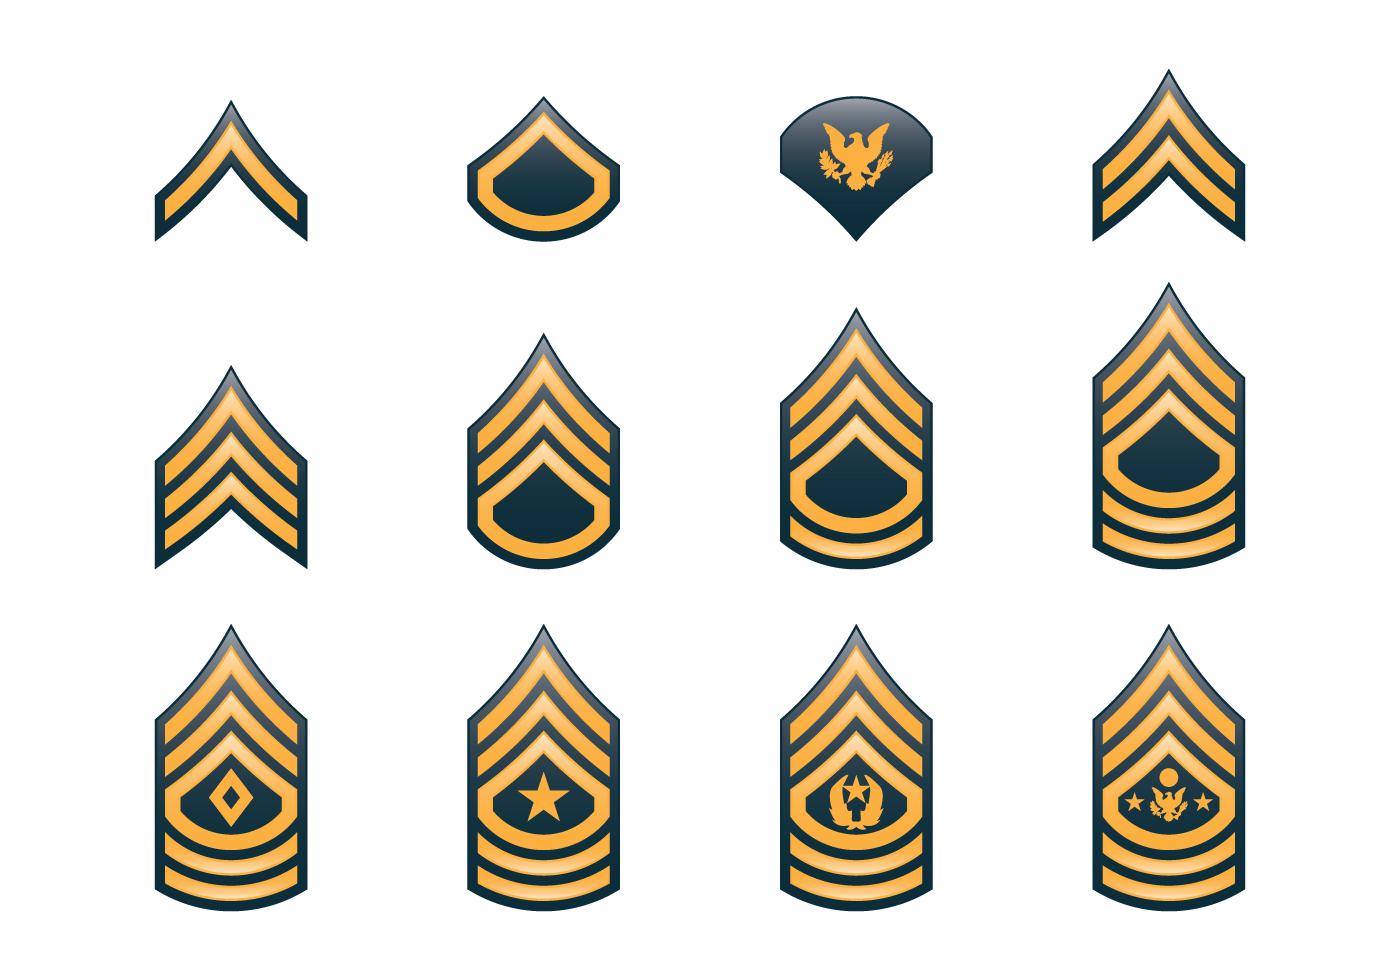 1400x980 Army Rank Insignia